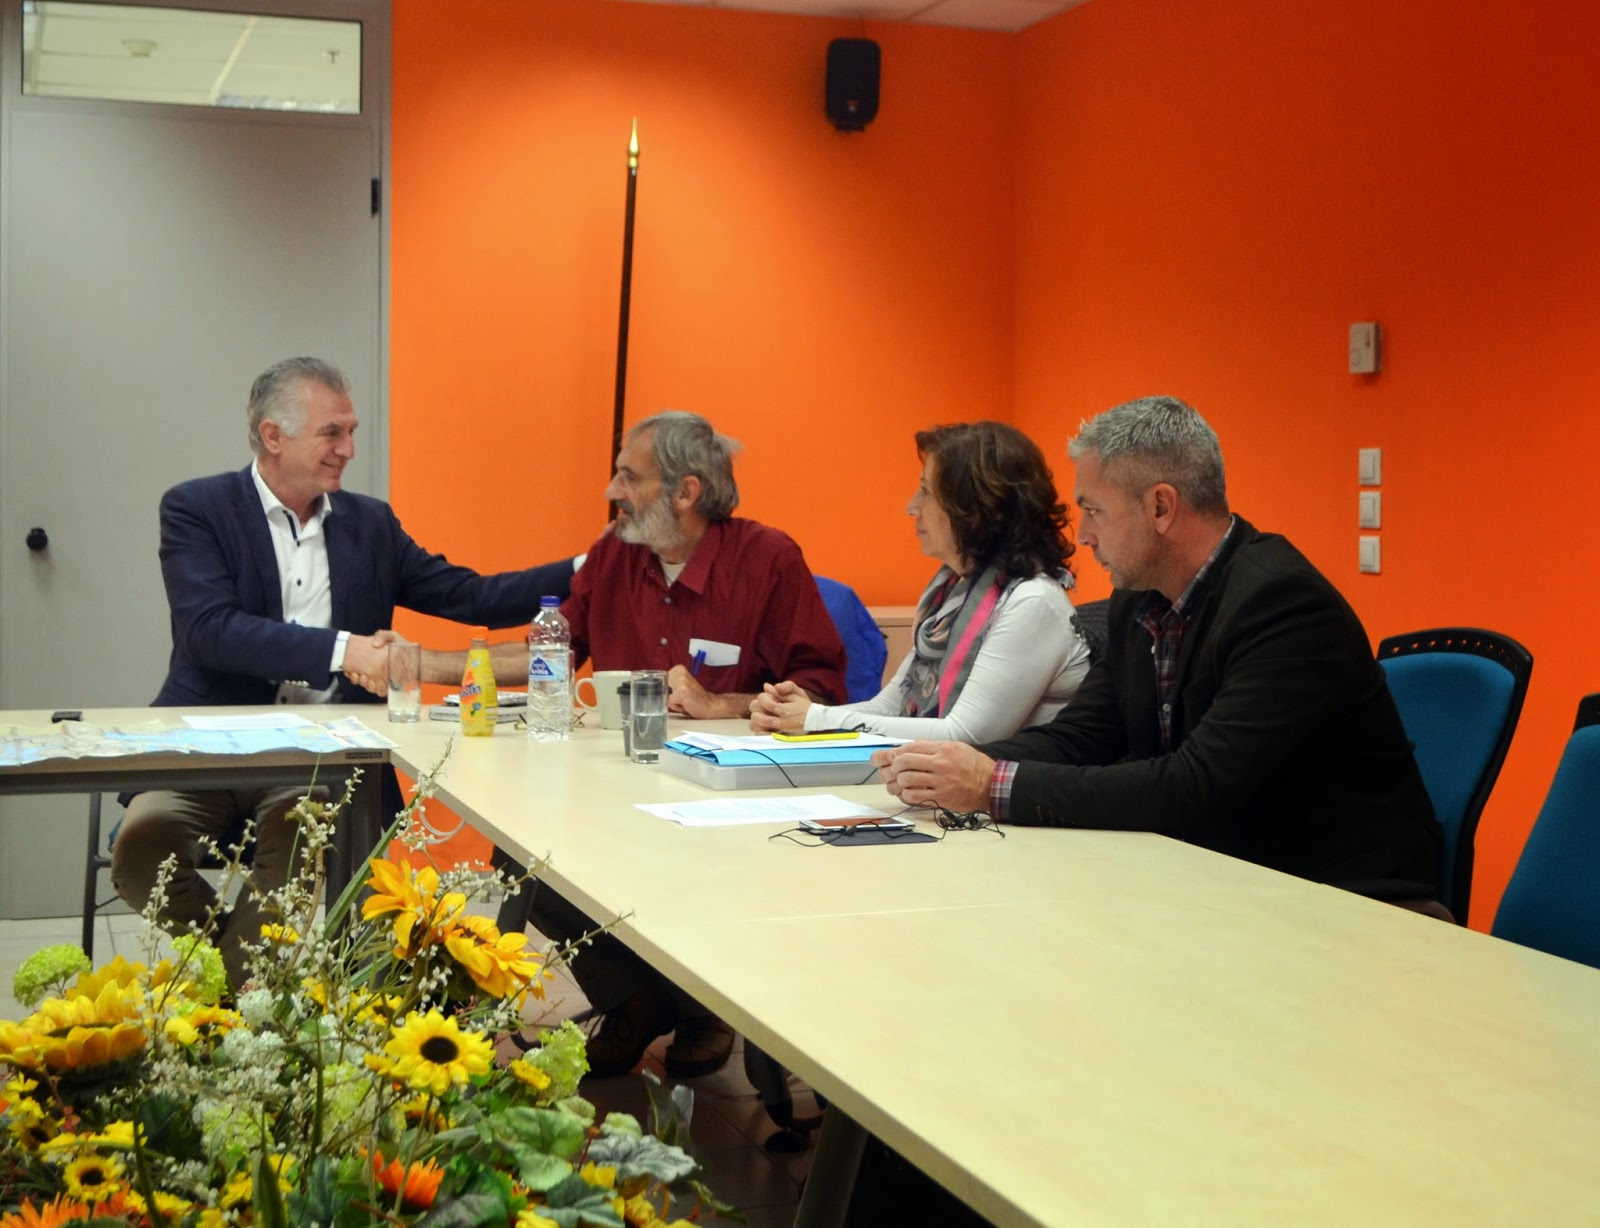 Ο Δήμαρχος Ανδρέας Παχατουρίδης συναντήθηκε με τον Γερμανό Ακτιβιστή - Καθηγητή Στέφαν Μακ Νηλ